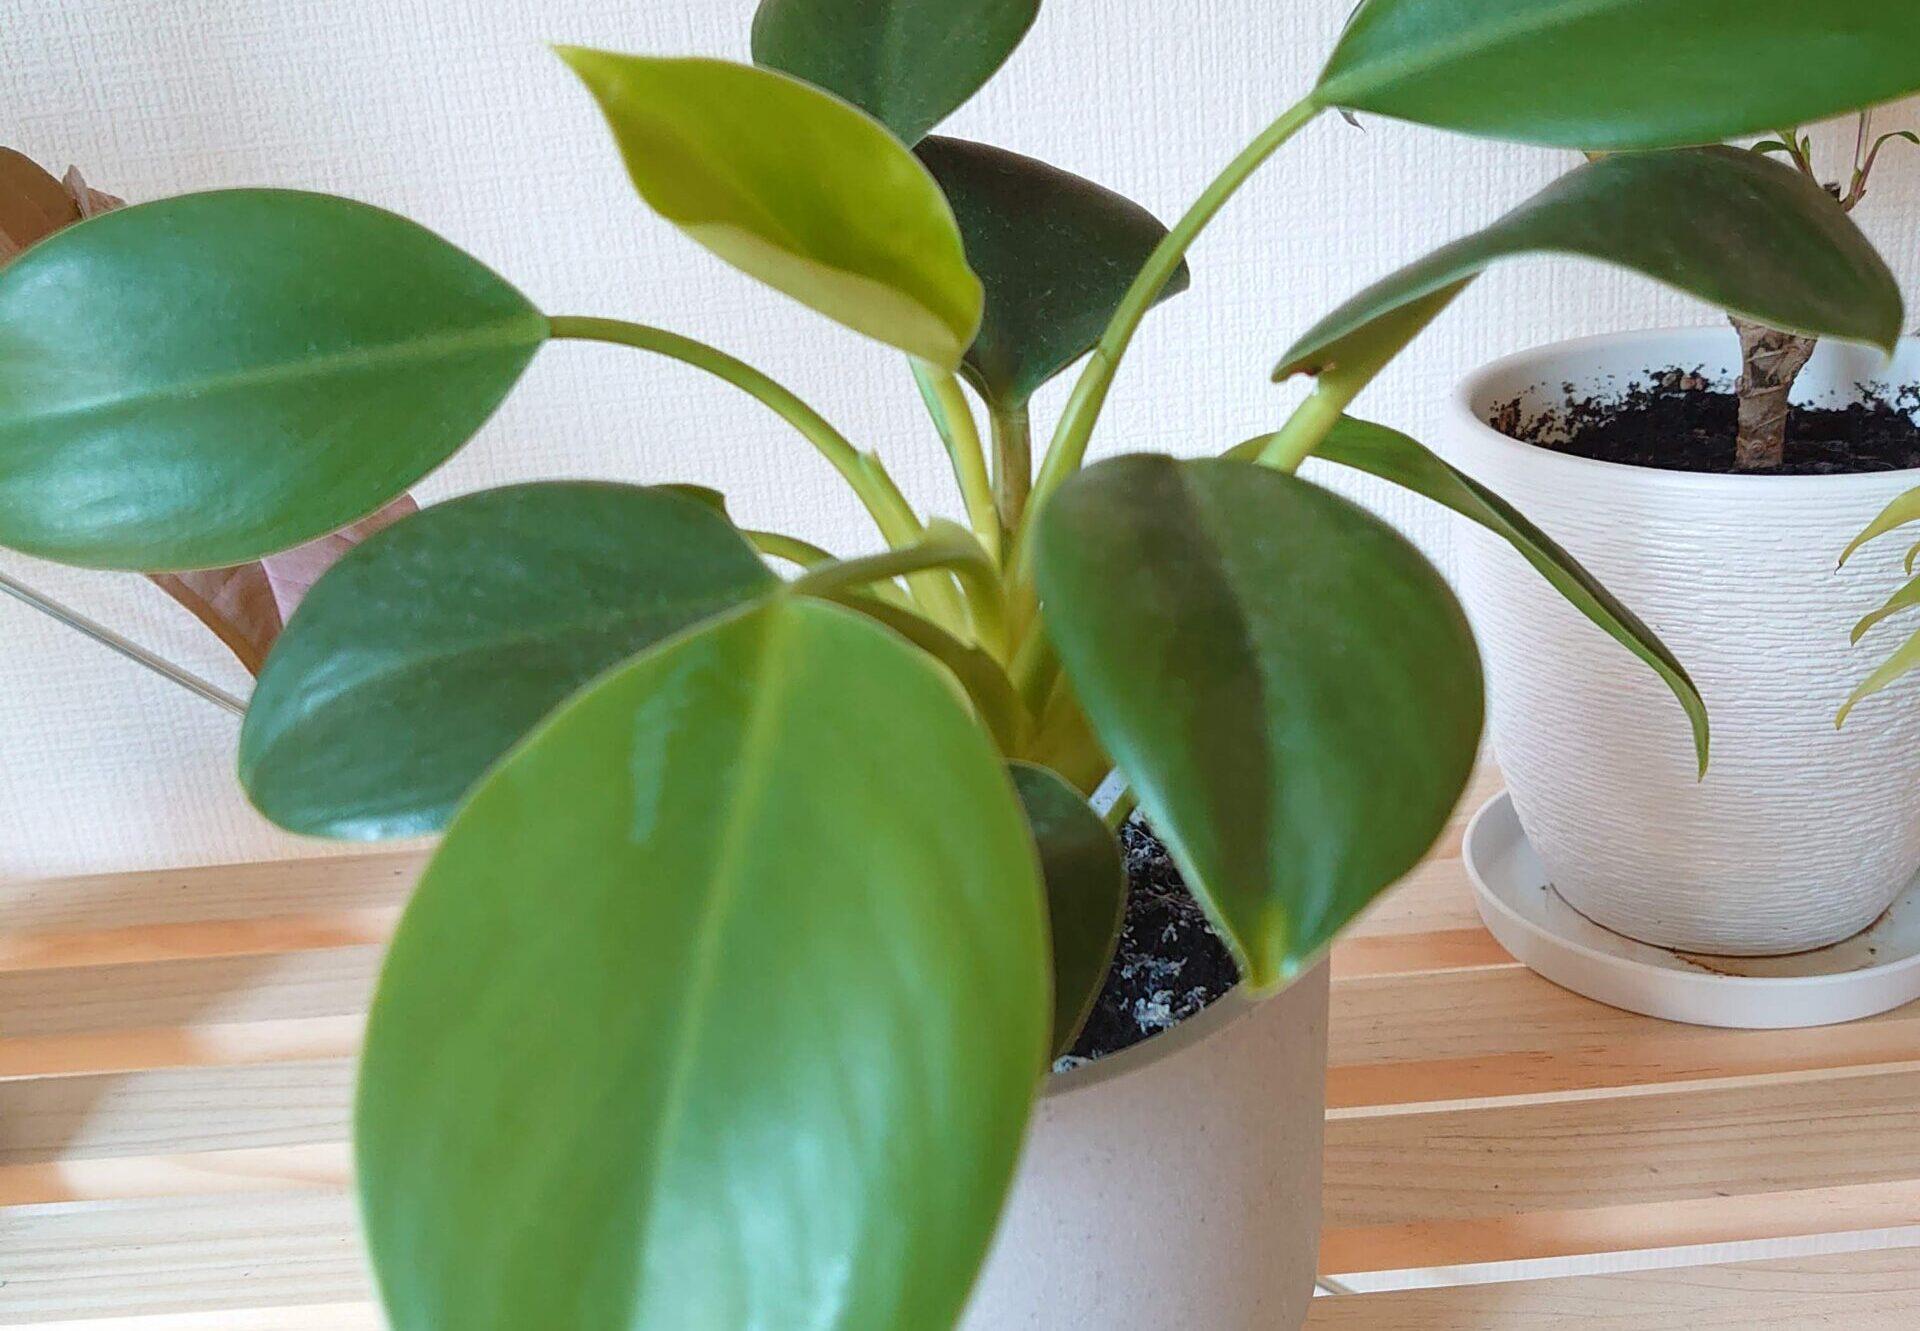 フィロデンドロン ルゴサム 成長記録<100均観葉植物>